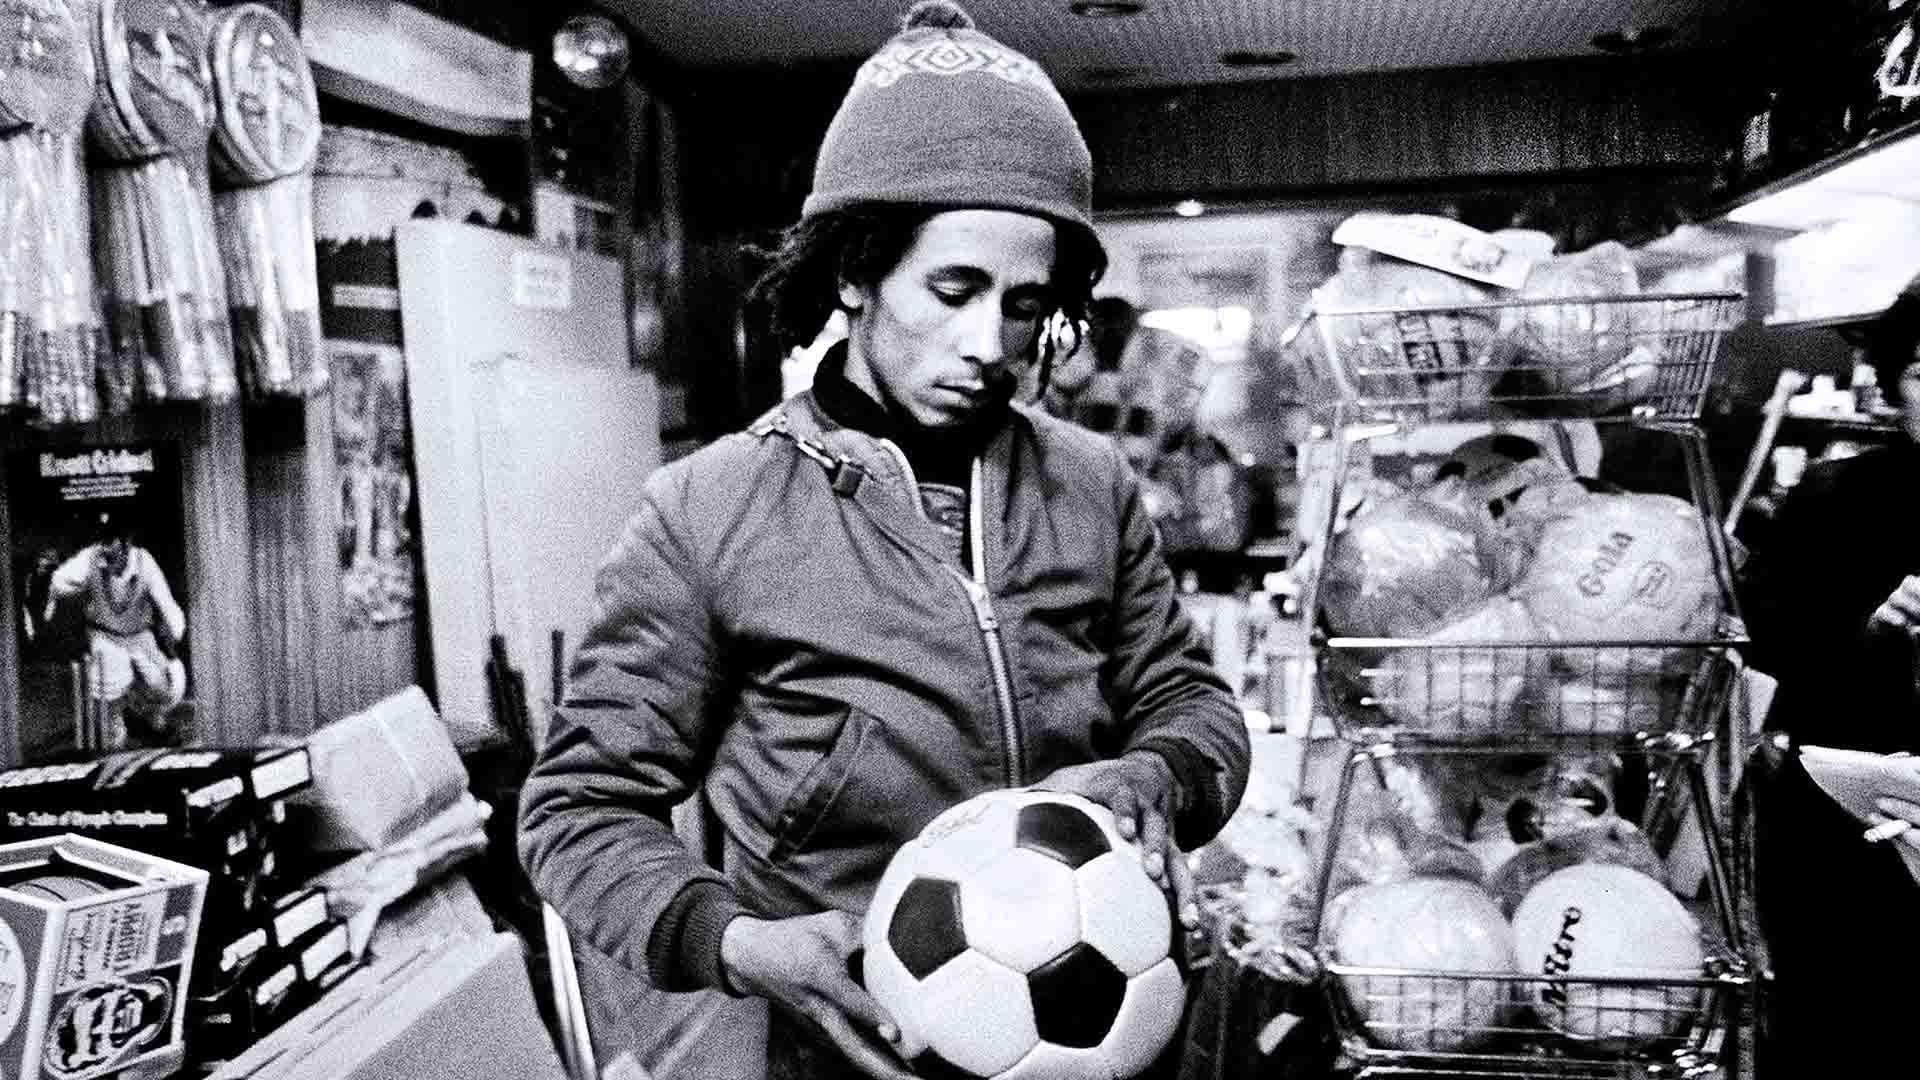 Il calcio era la passione di Bob Marley